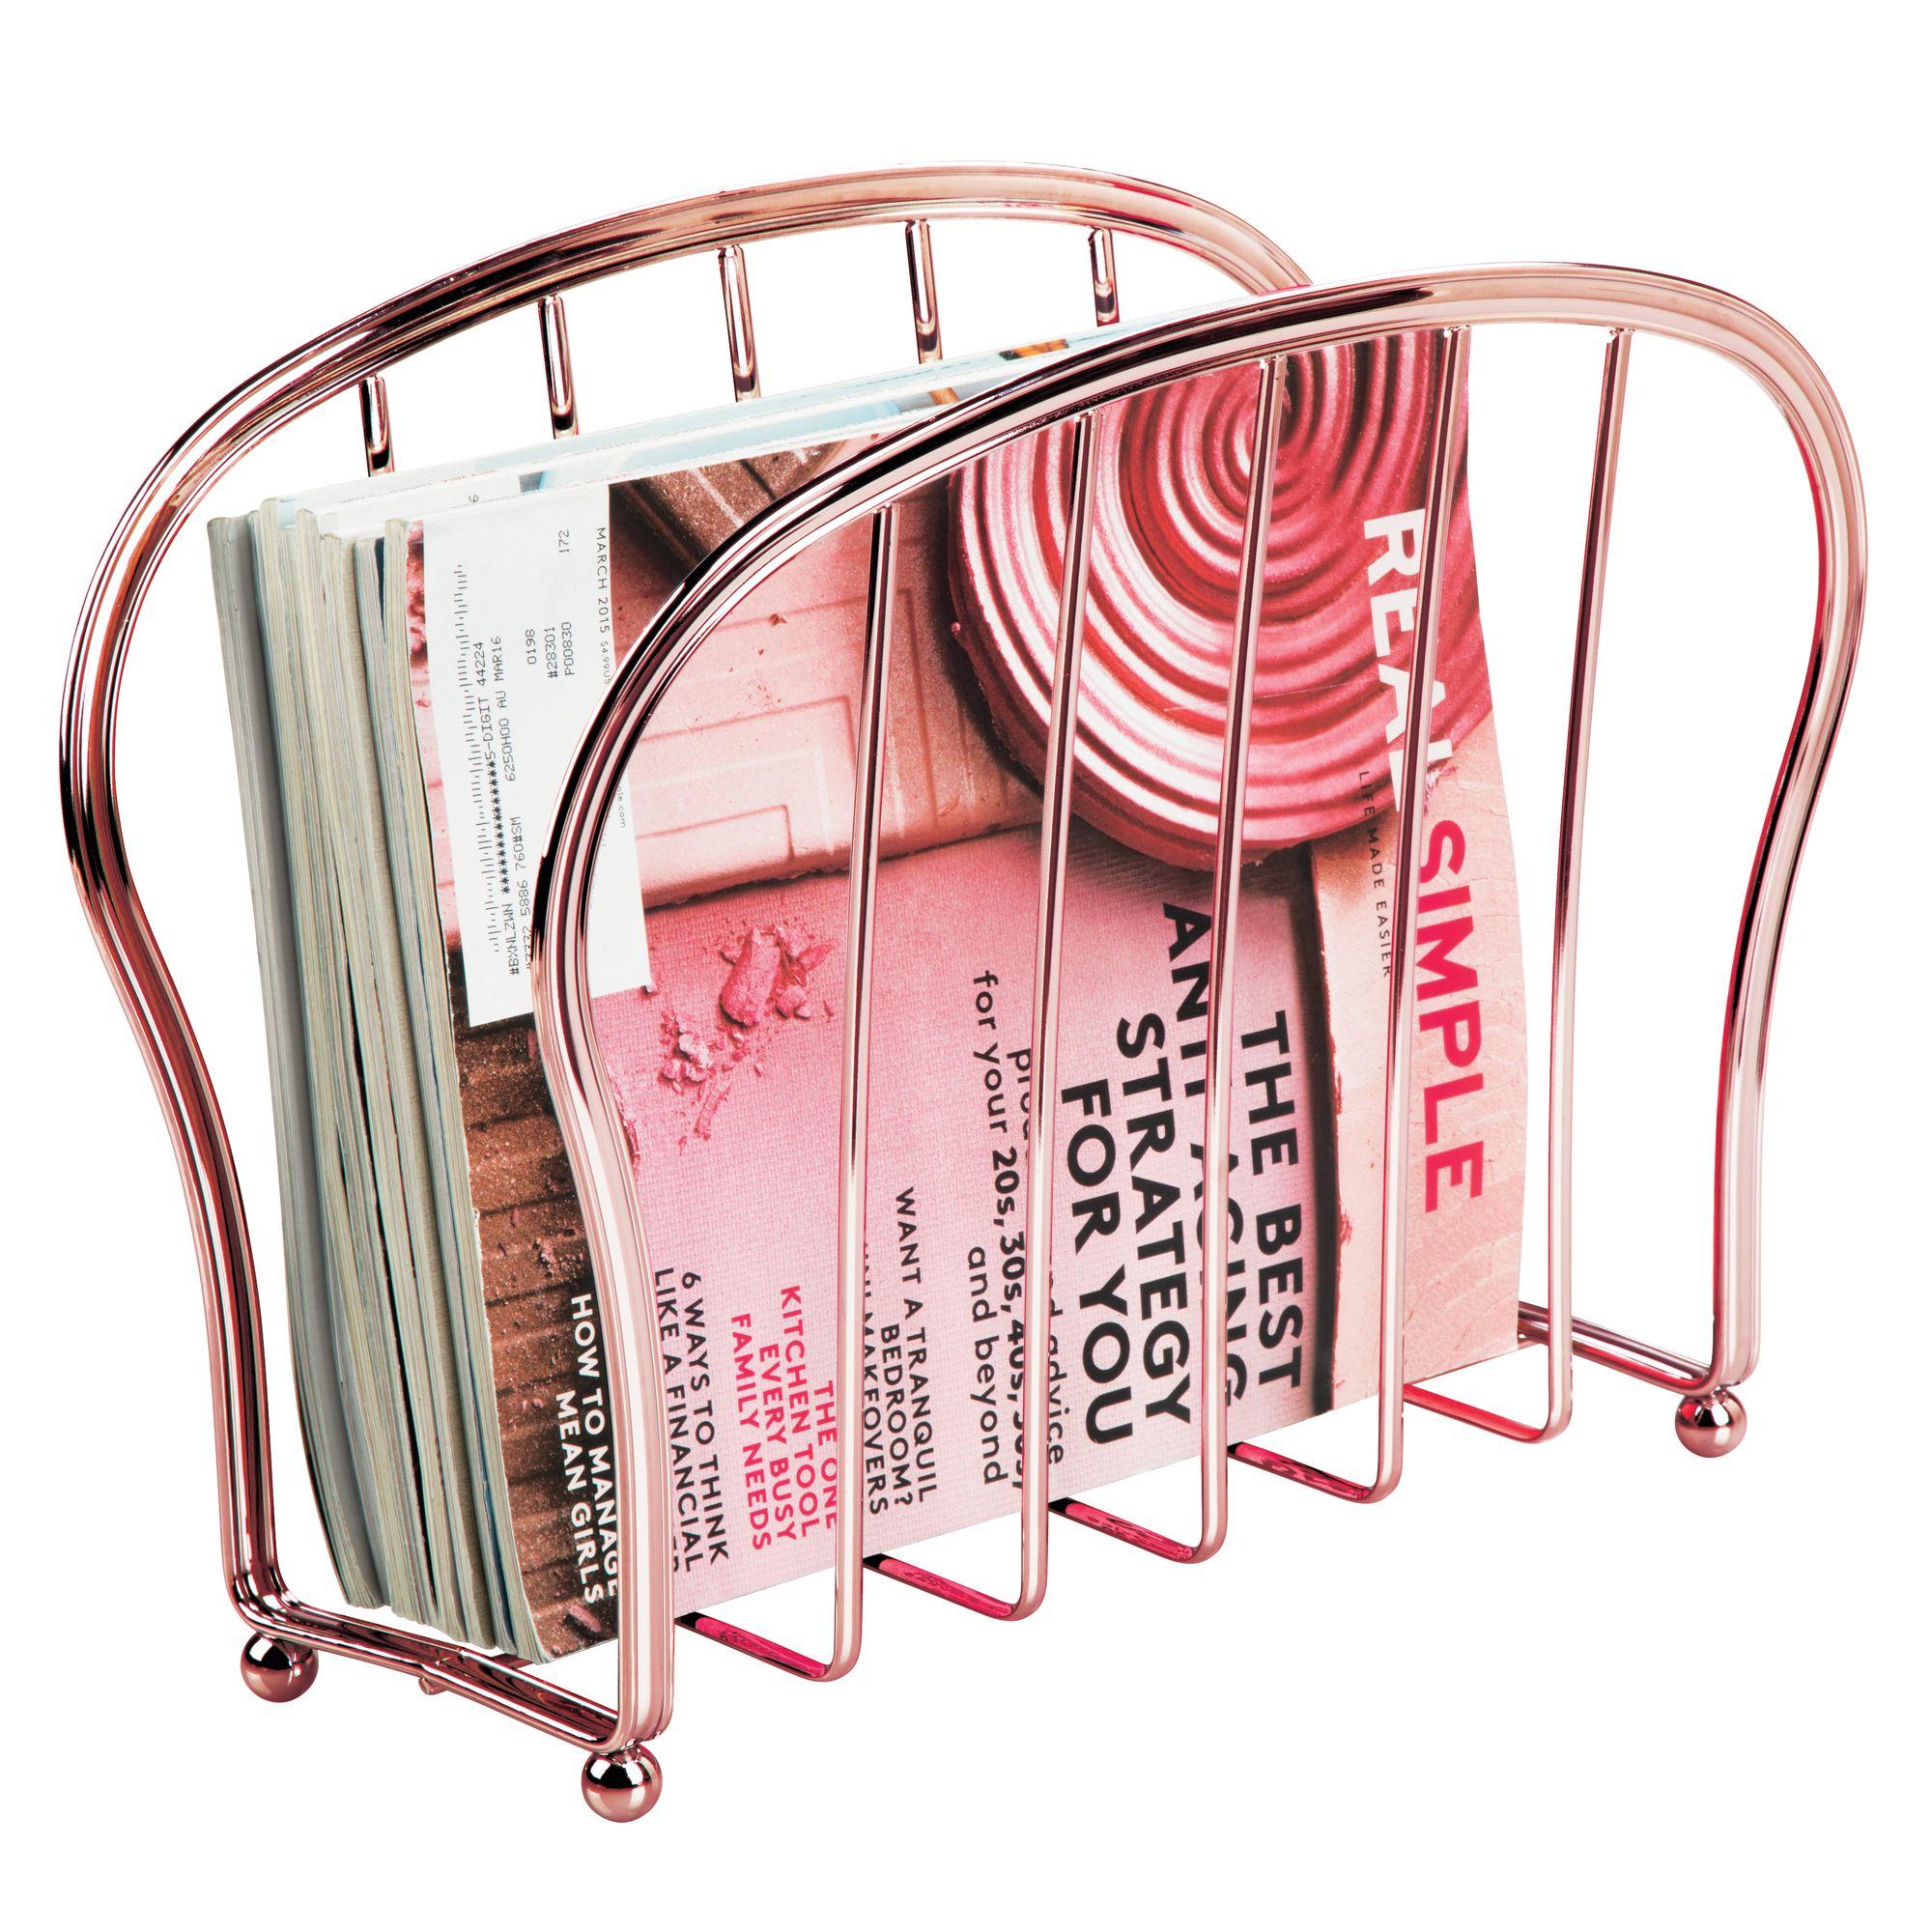 mDesign-Metal-Standing-Rack-Magazine-Holder-for-Bathroom thumbnail 52